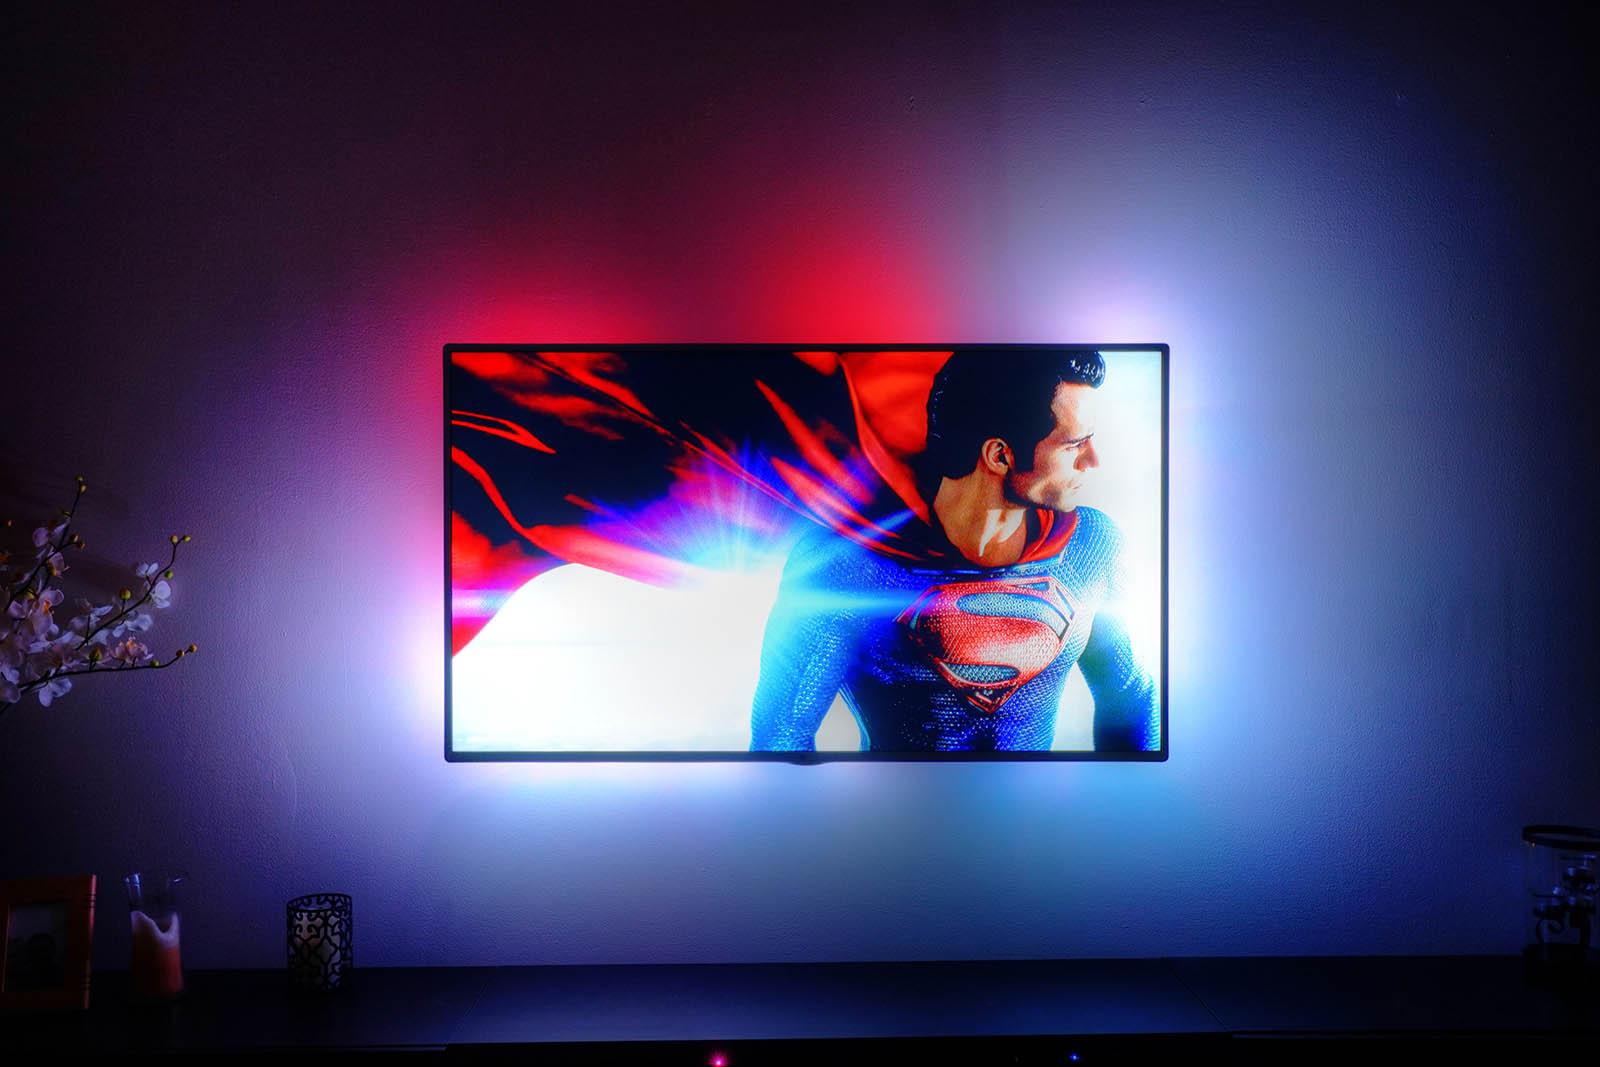 подсветка Dream Screen купить